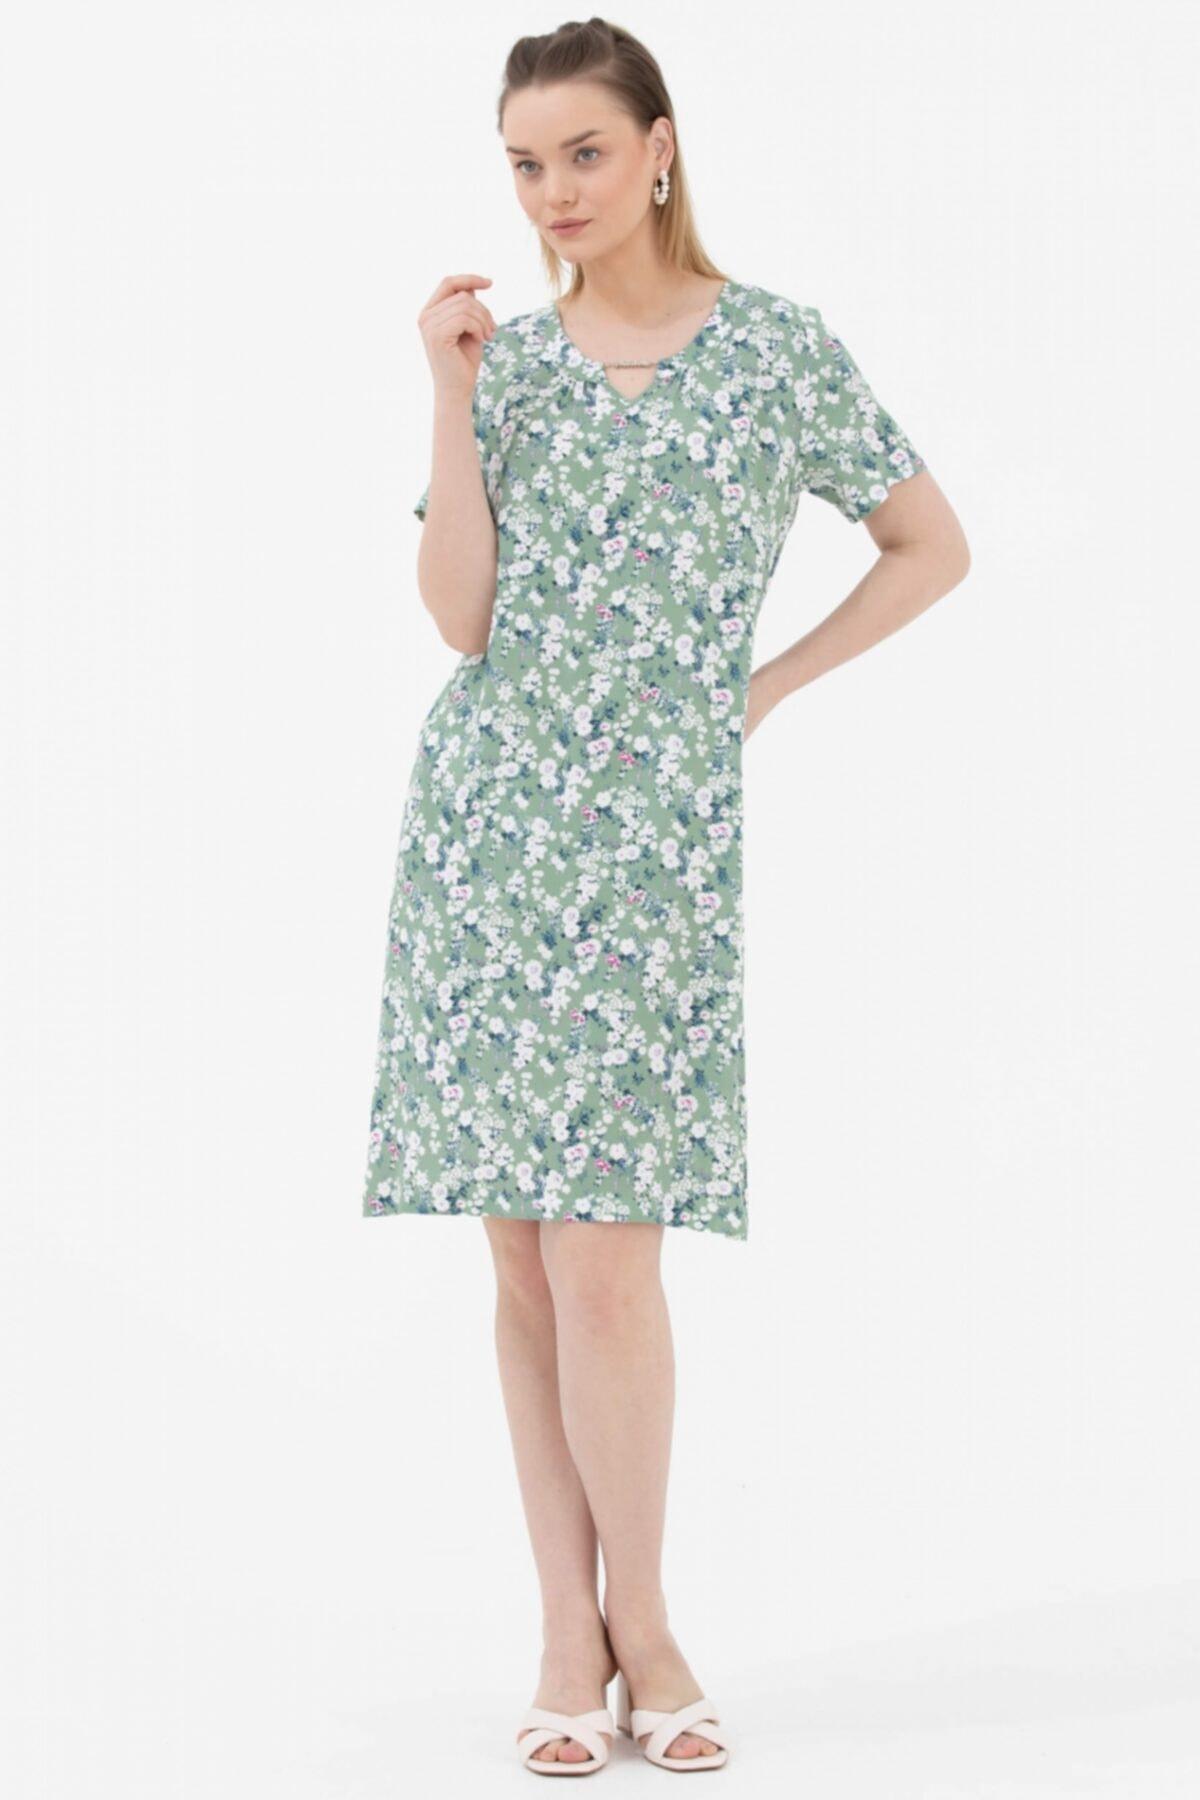 Kadın Çiçek Desenli Rahat Kalıp Elbise